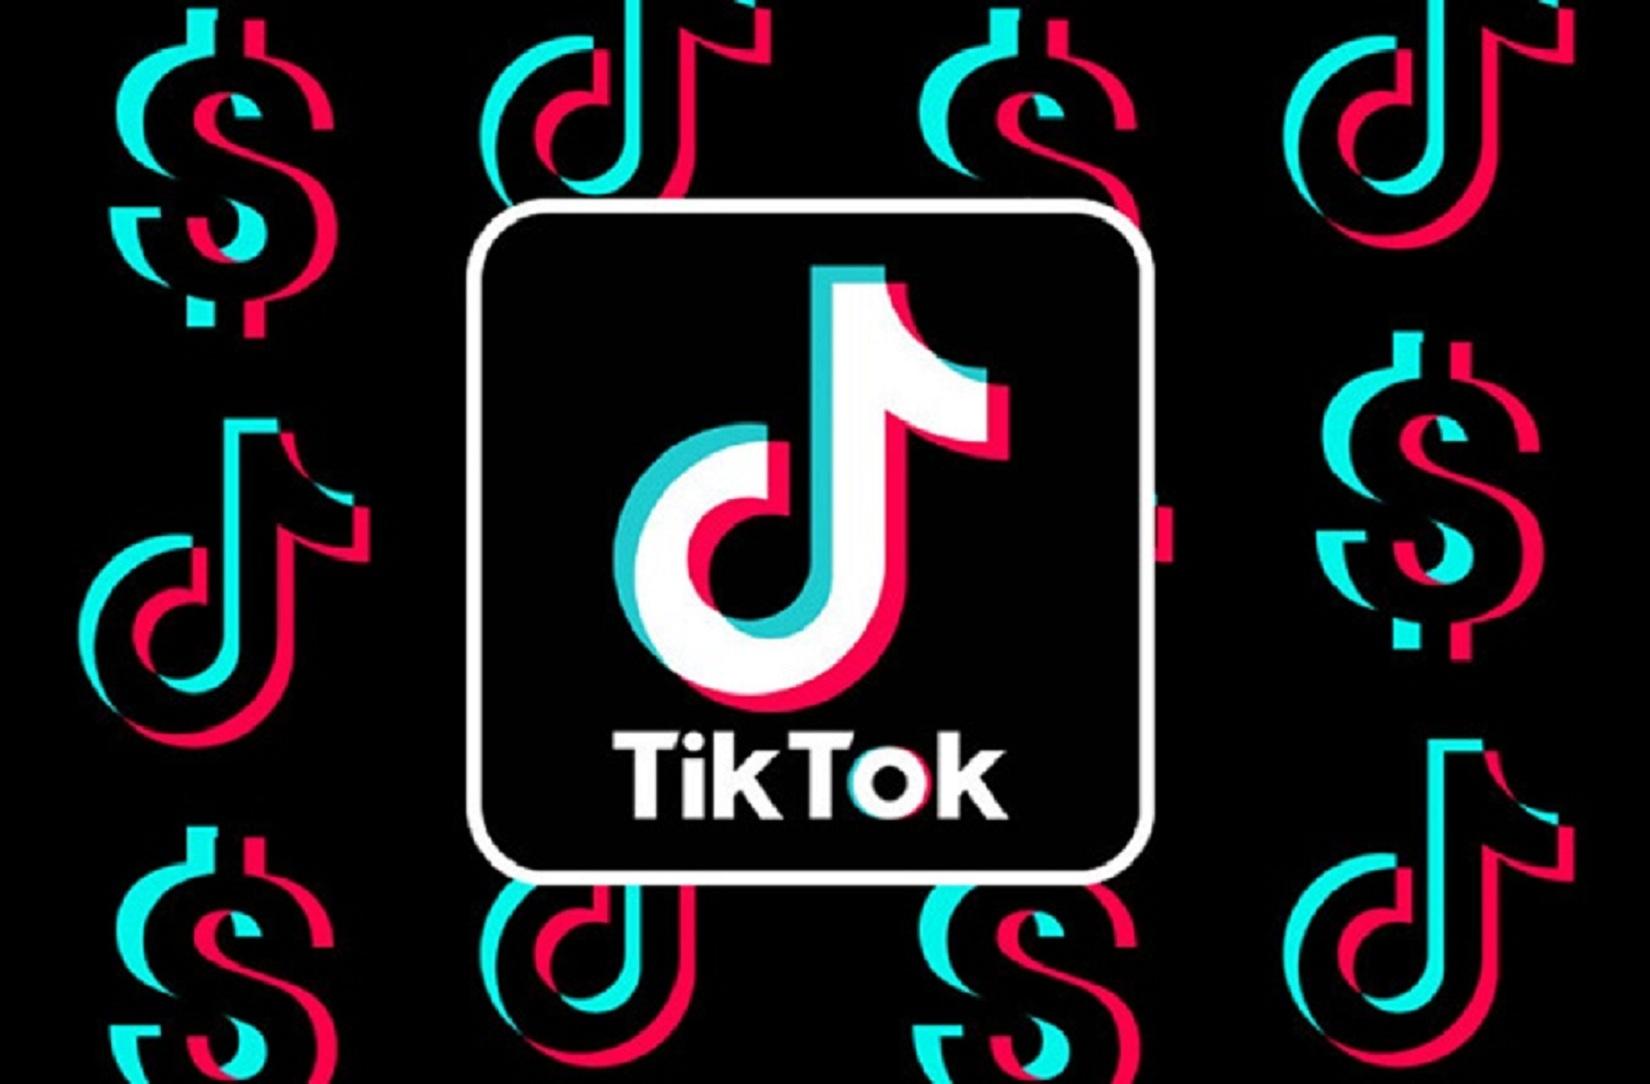 TikTok відкриє перший дата-центр в Європі